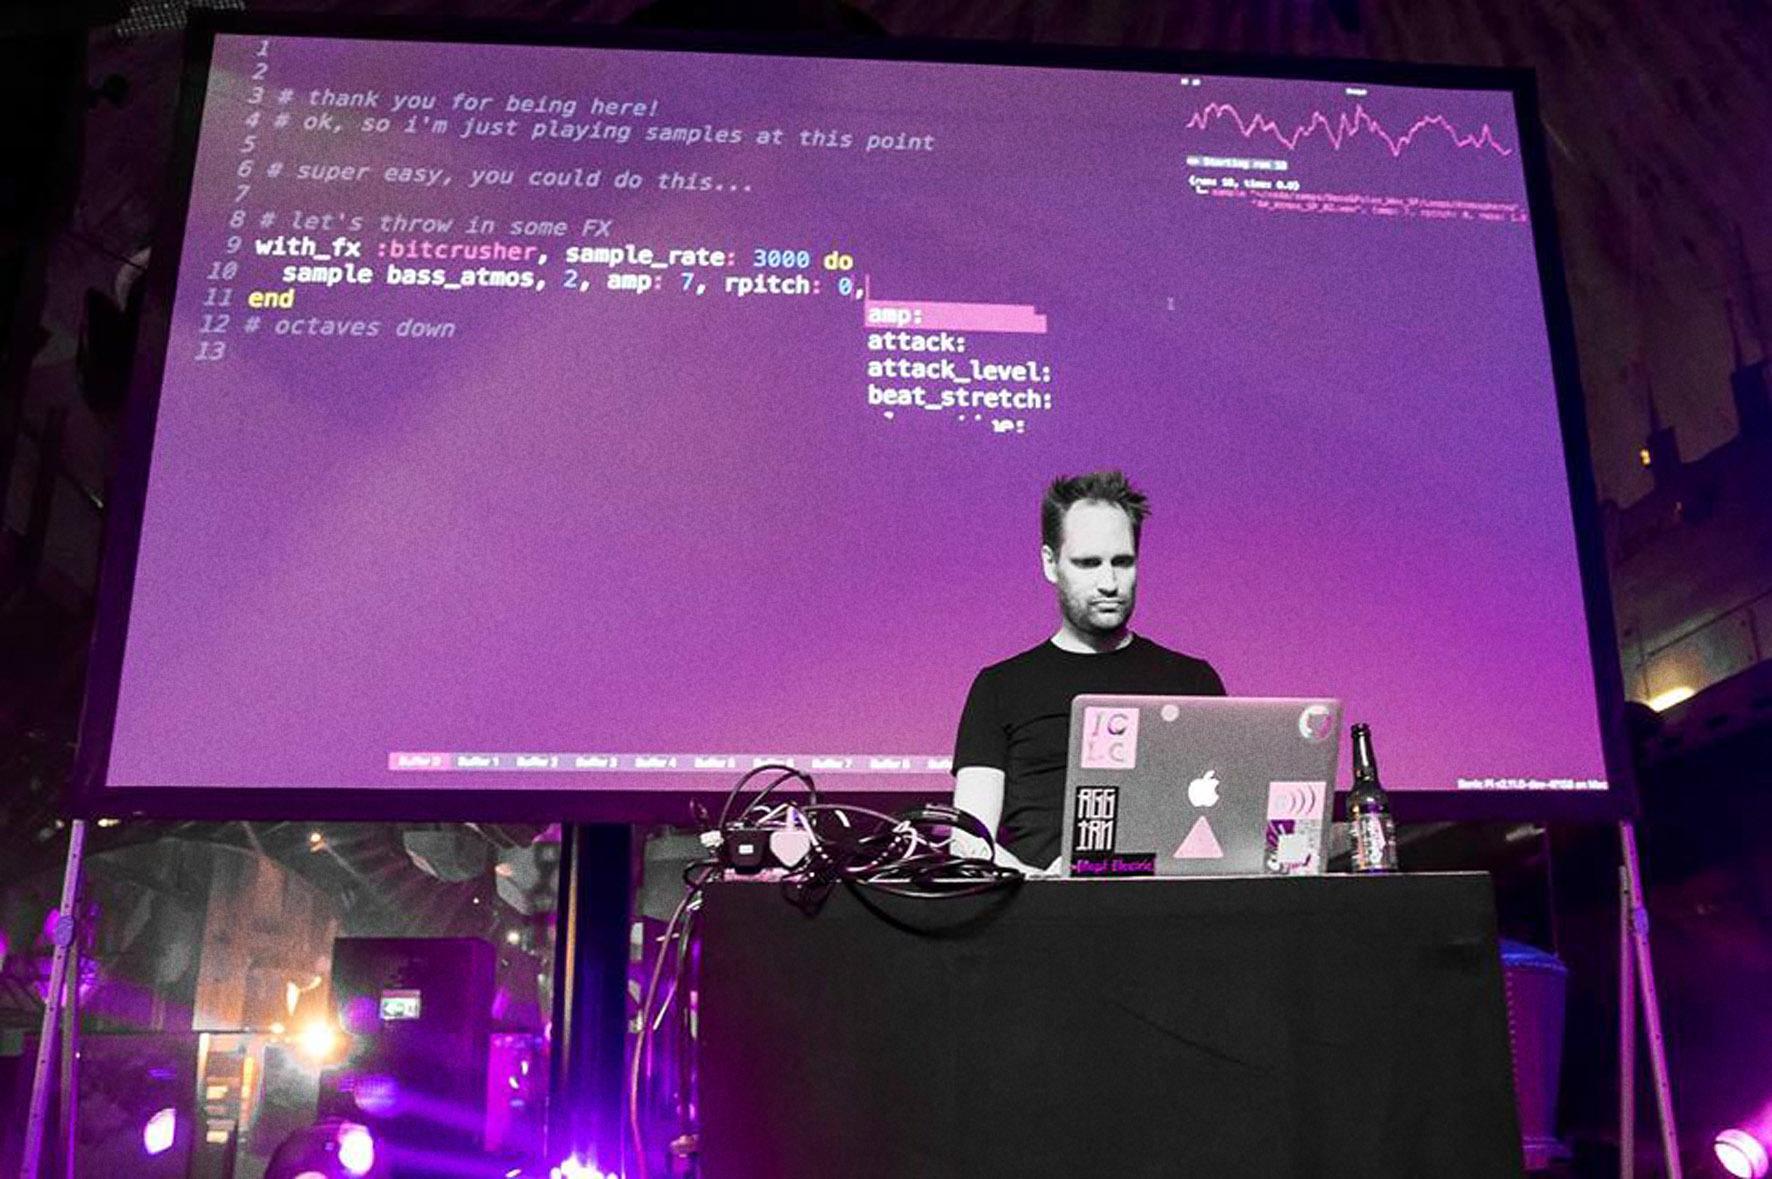 Sam Aaron in Aktion: Beim Live Coding werden Klänge und musikalische Strukturen durch das Schreiben von Computercode in Echtzeit erzeugt. Sam macht das in Sonic Pi auf einem Raspberry Pi.